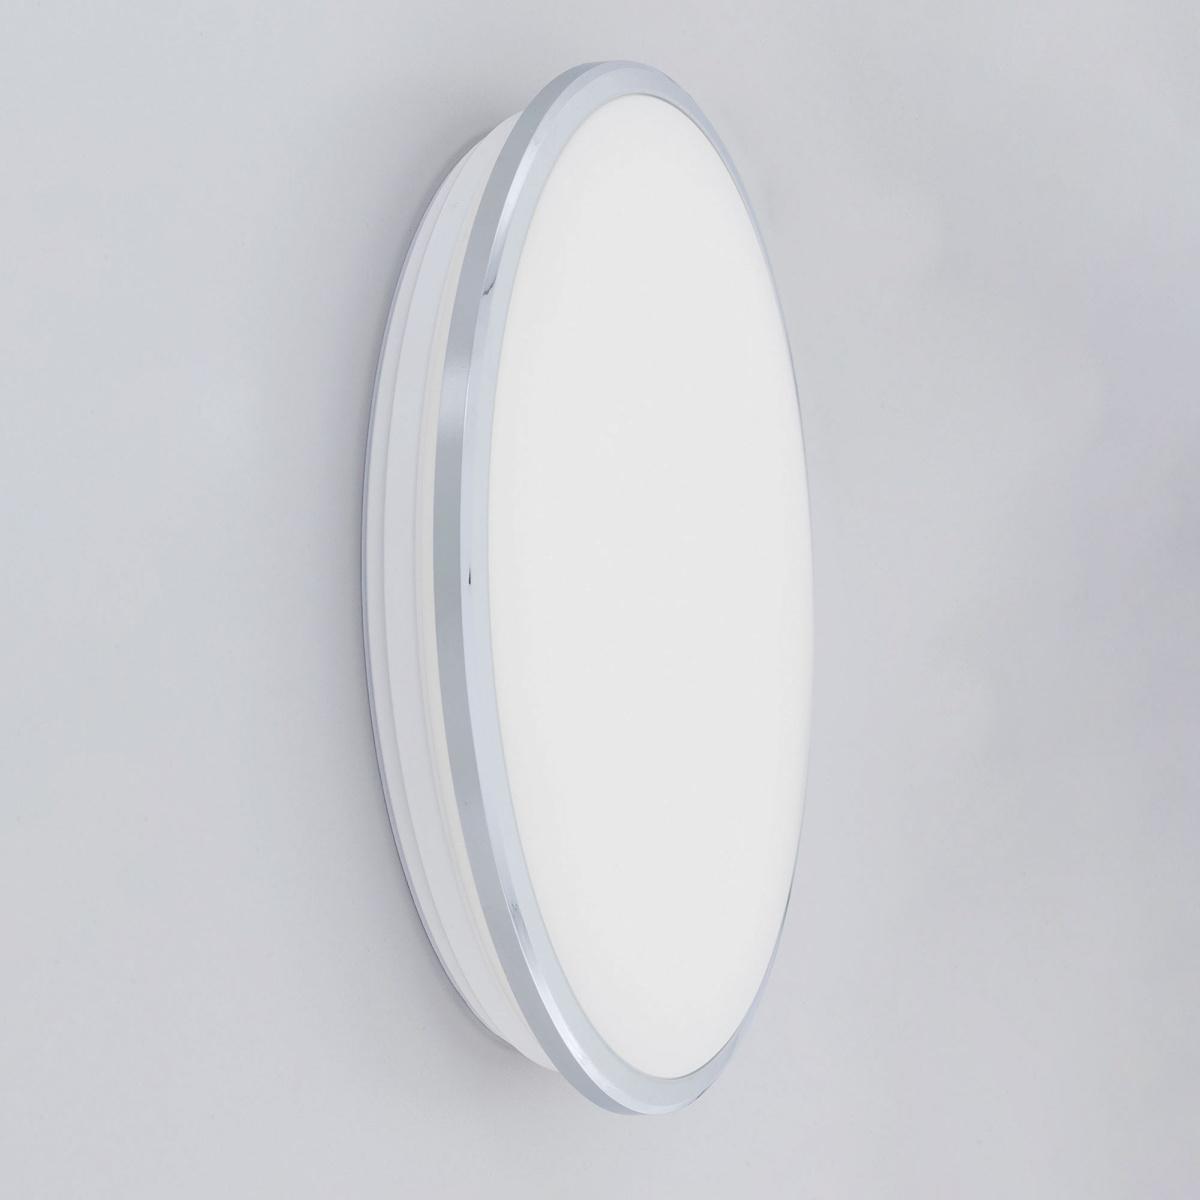 Потолочный светодиодный светильник Citilux Луна CL702301N, IP54, LED 30W 4000K 2200lm, хром, металл с пластиком - фото 2